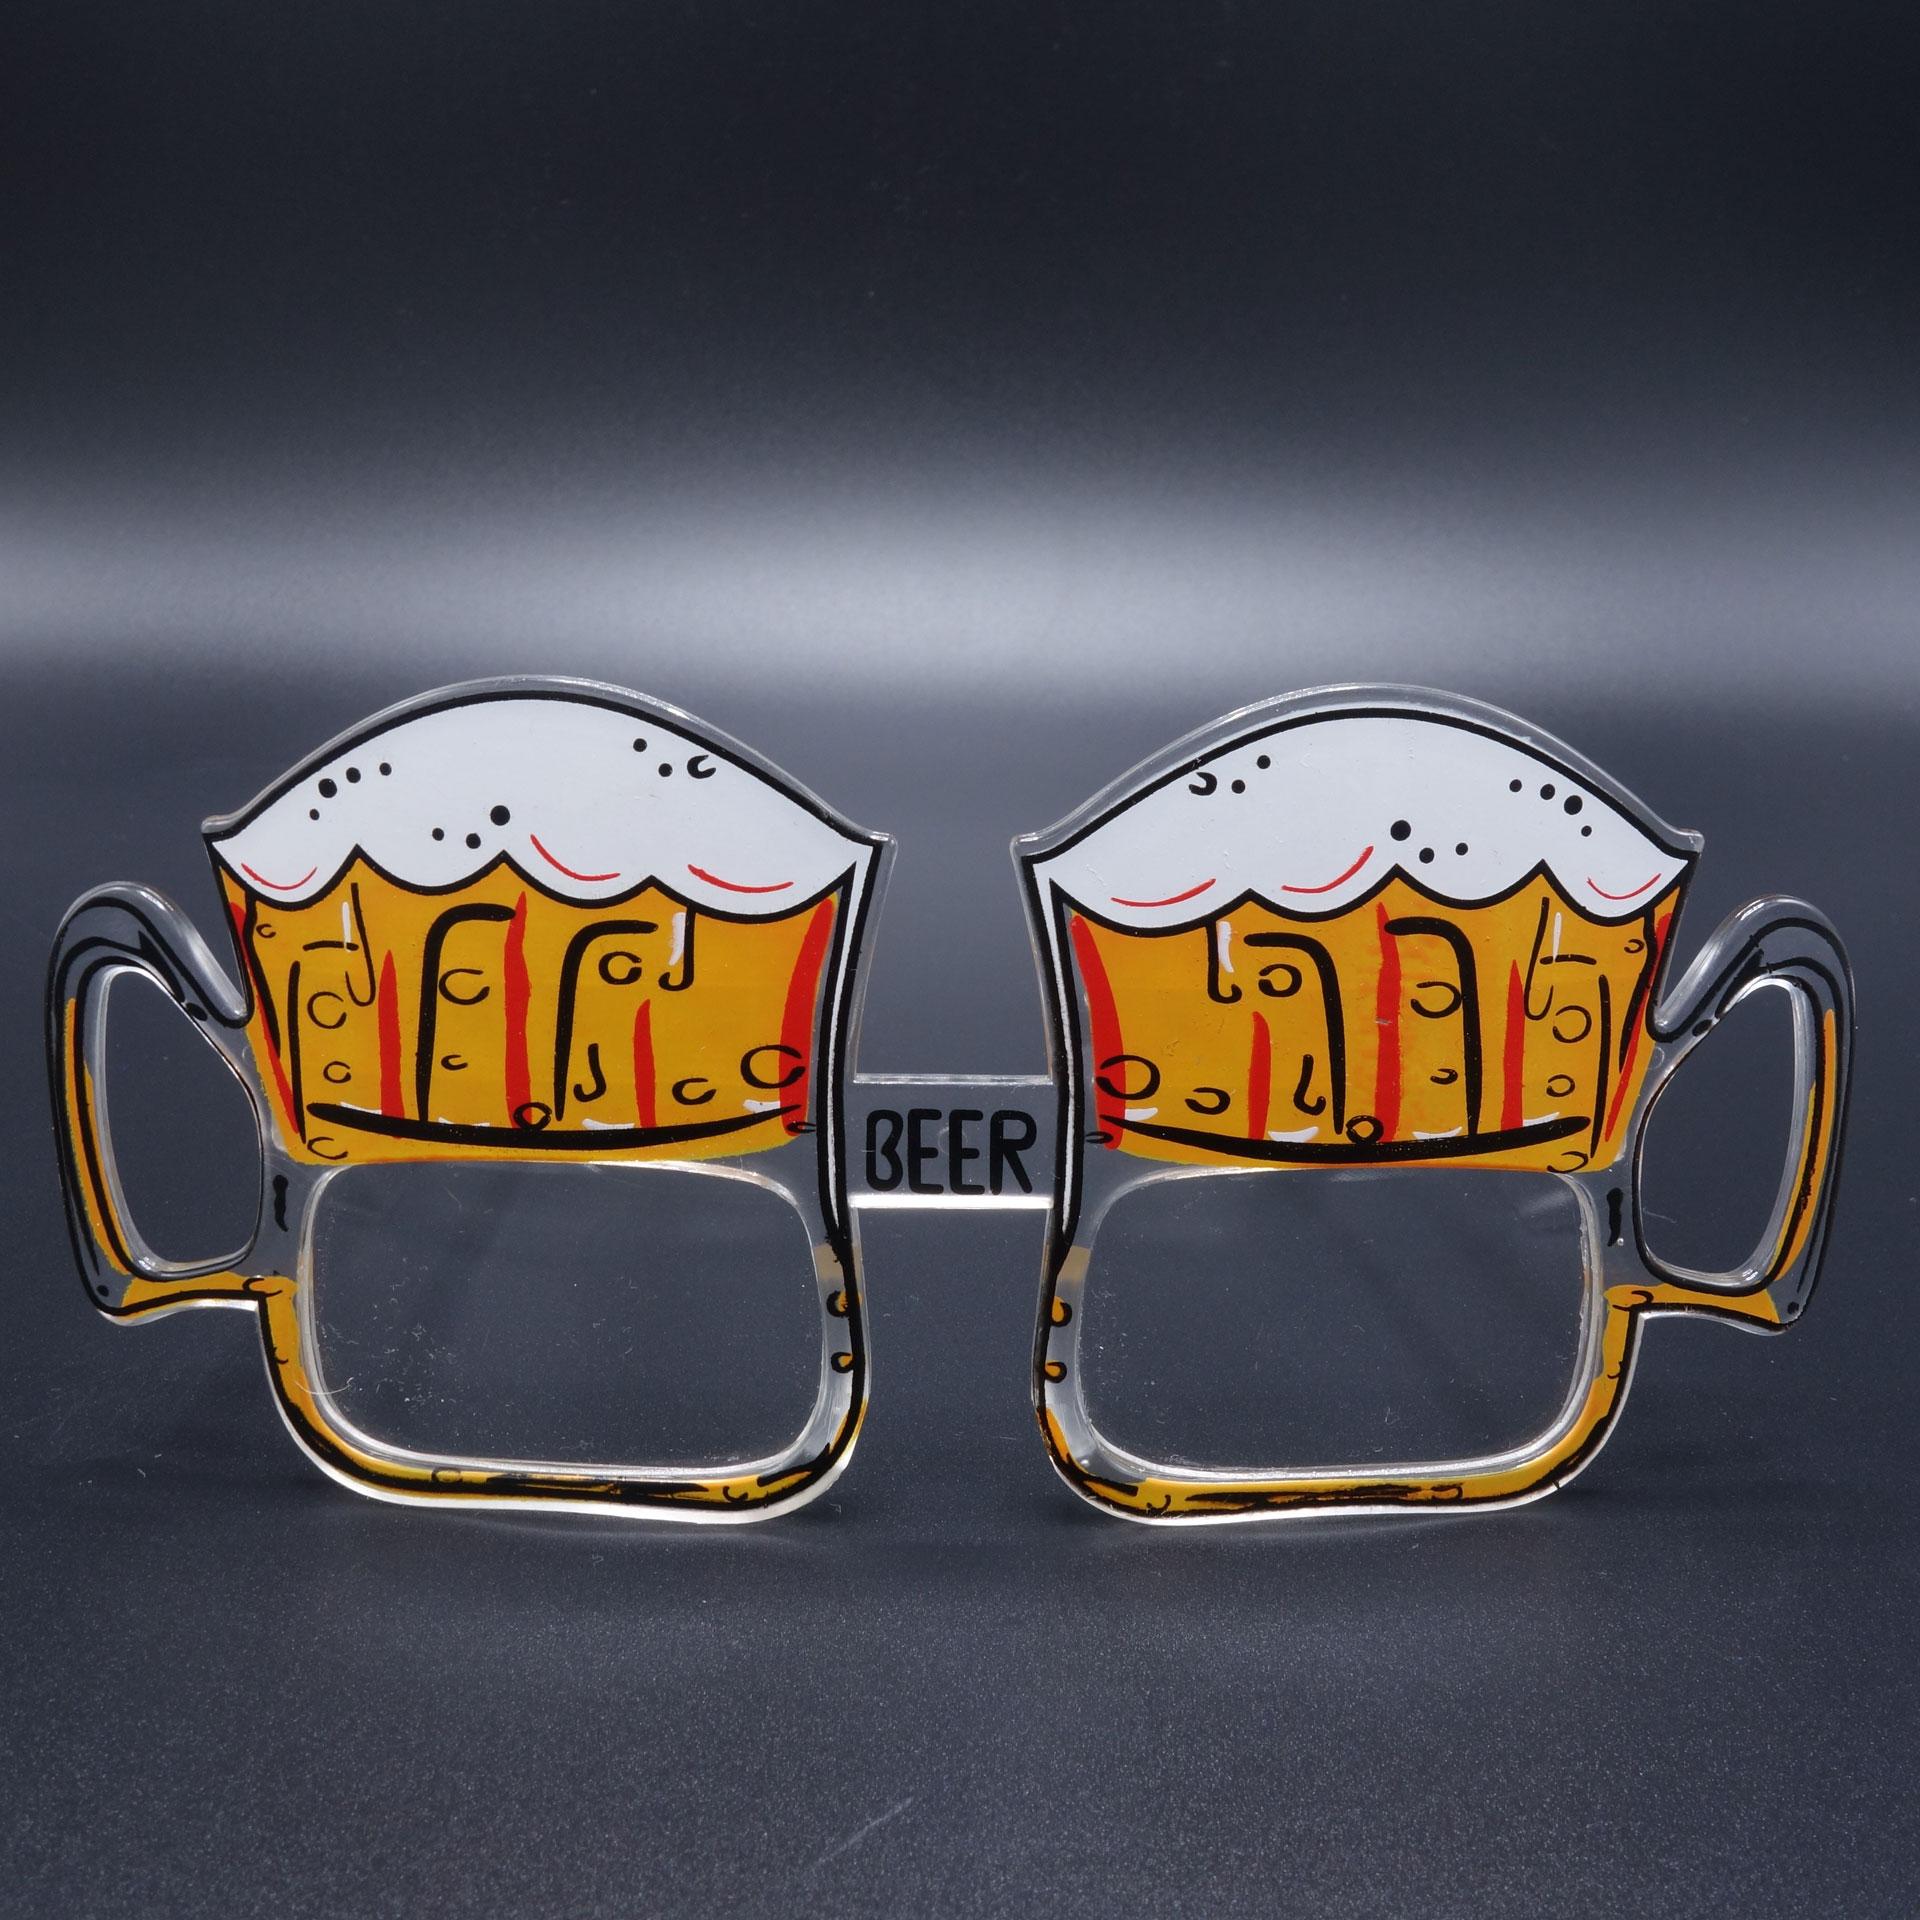 Partybrille Spassbrille Scherzarikel Brille Bier